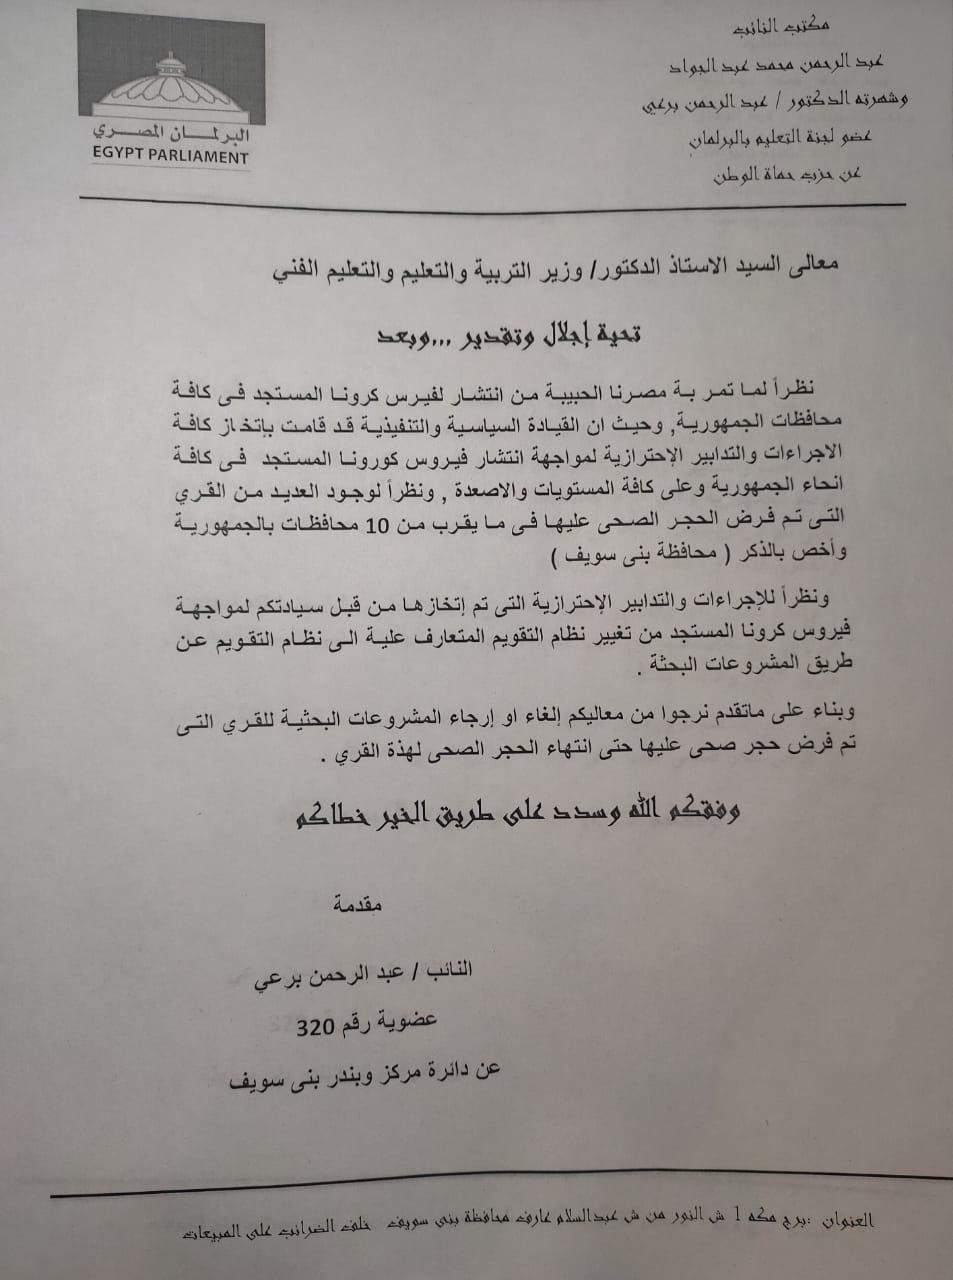 تعليم البرلمان يطالب وزير التعليم بتأجيل الابحاث لهؤلاء الطلاب 45178